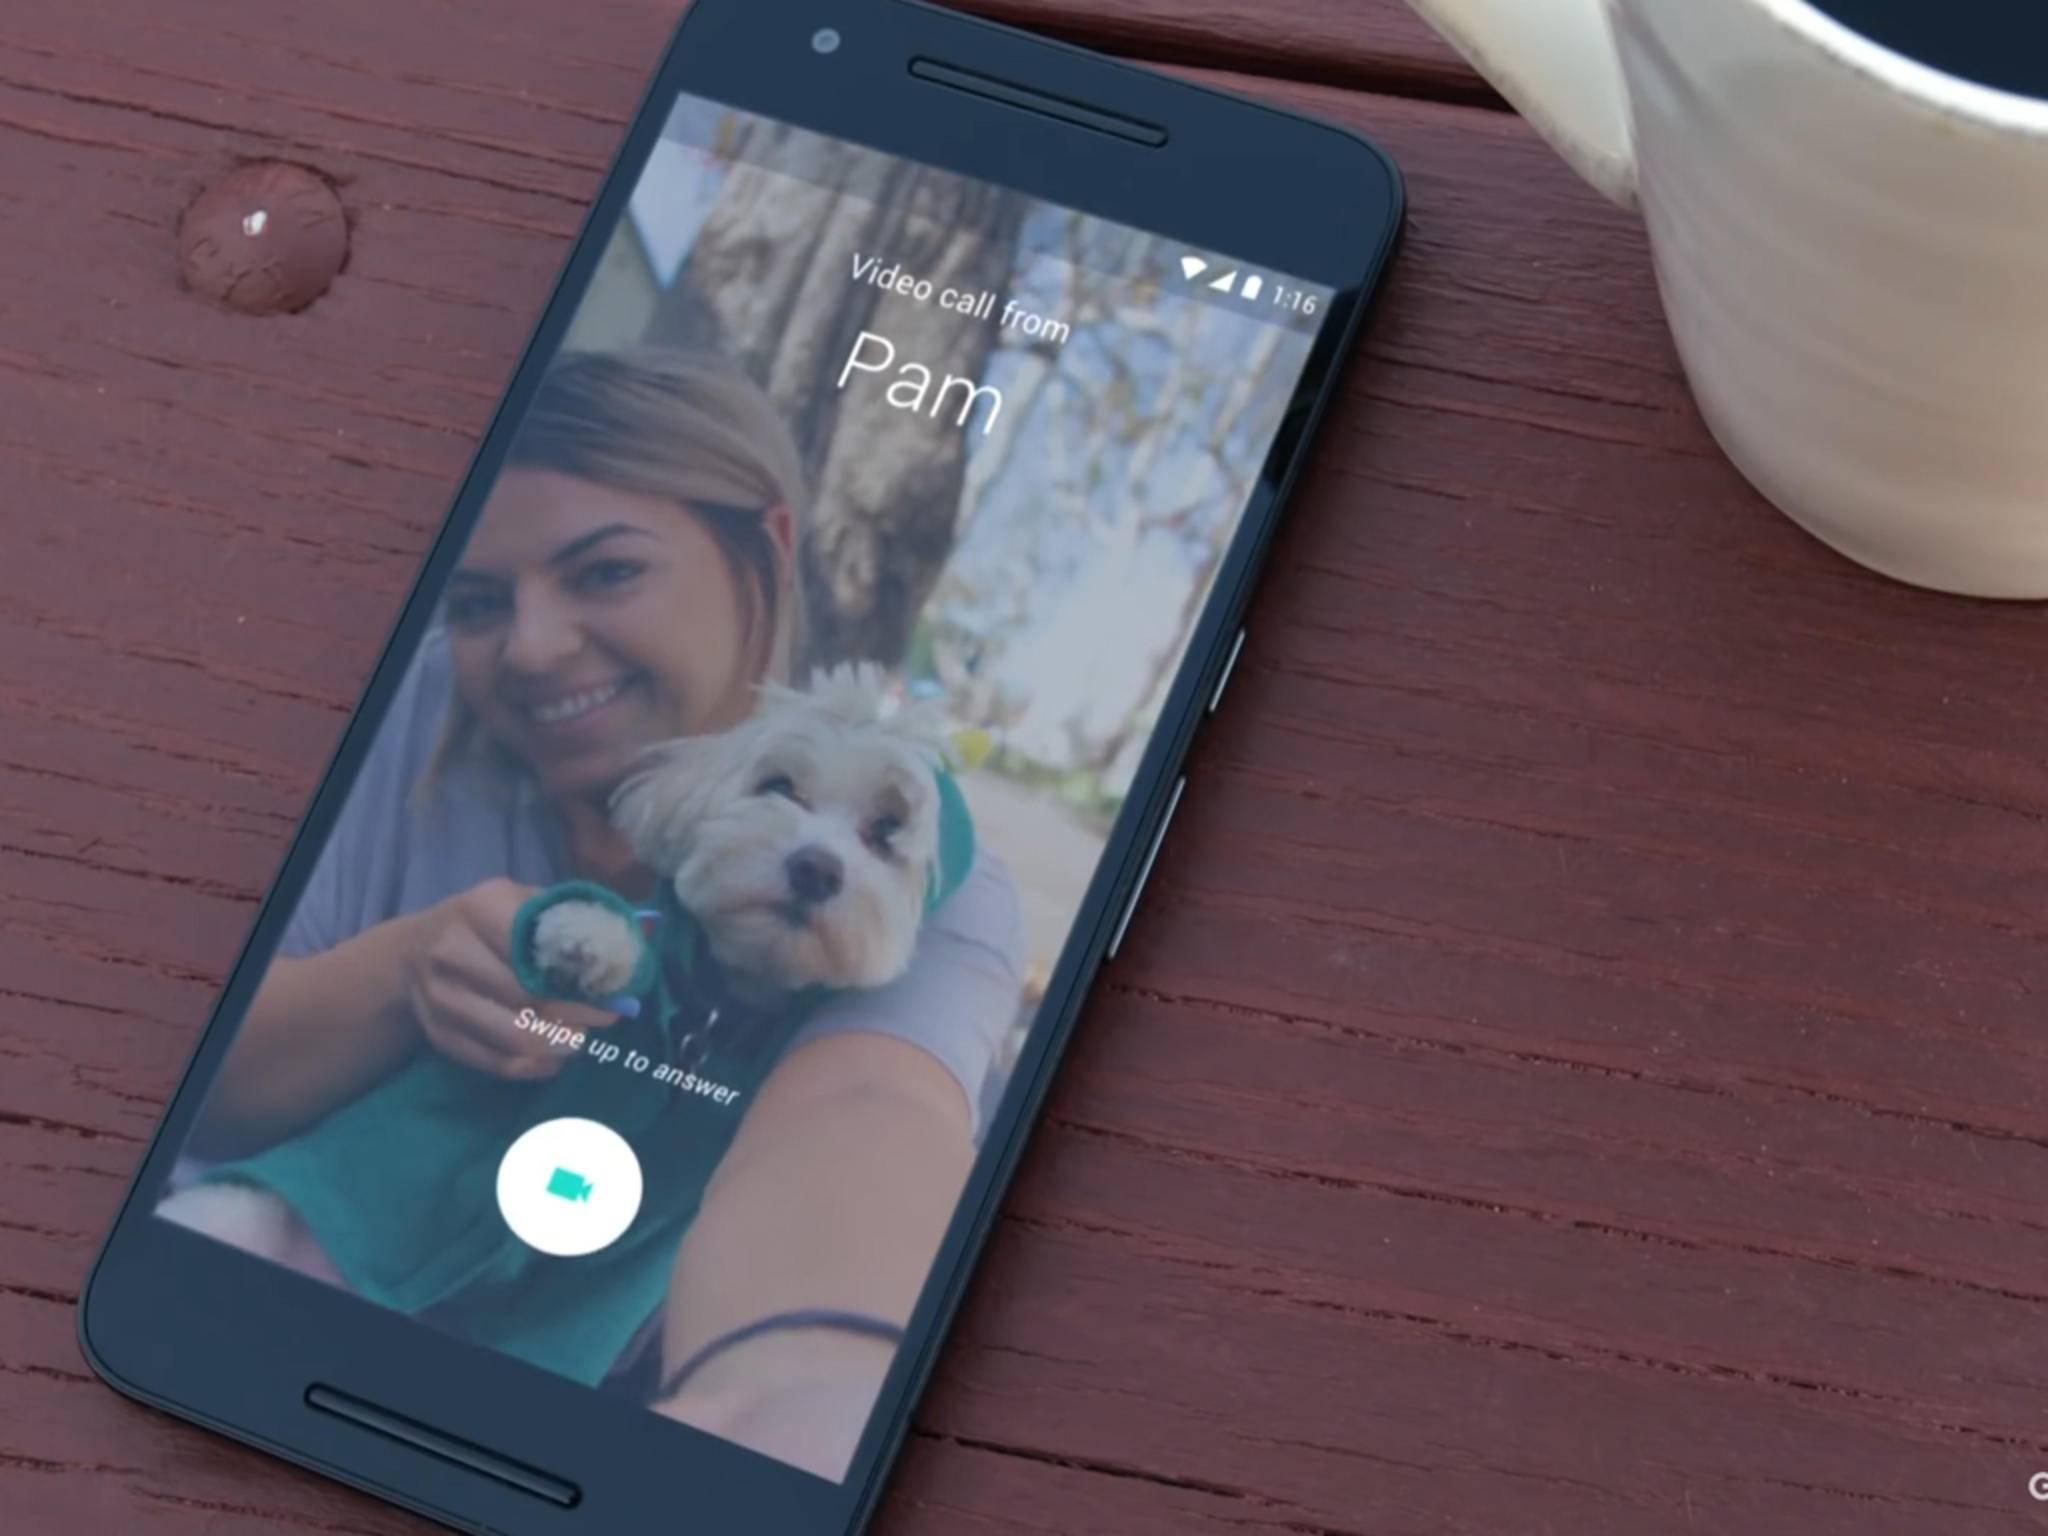 Duo ist eine neue Video-Messenger-App von Google.